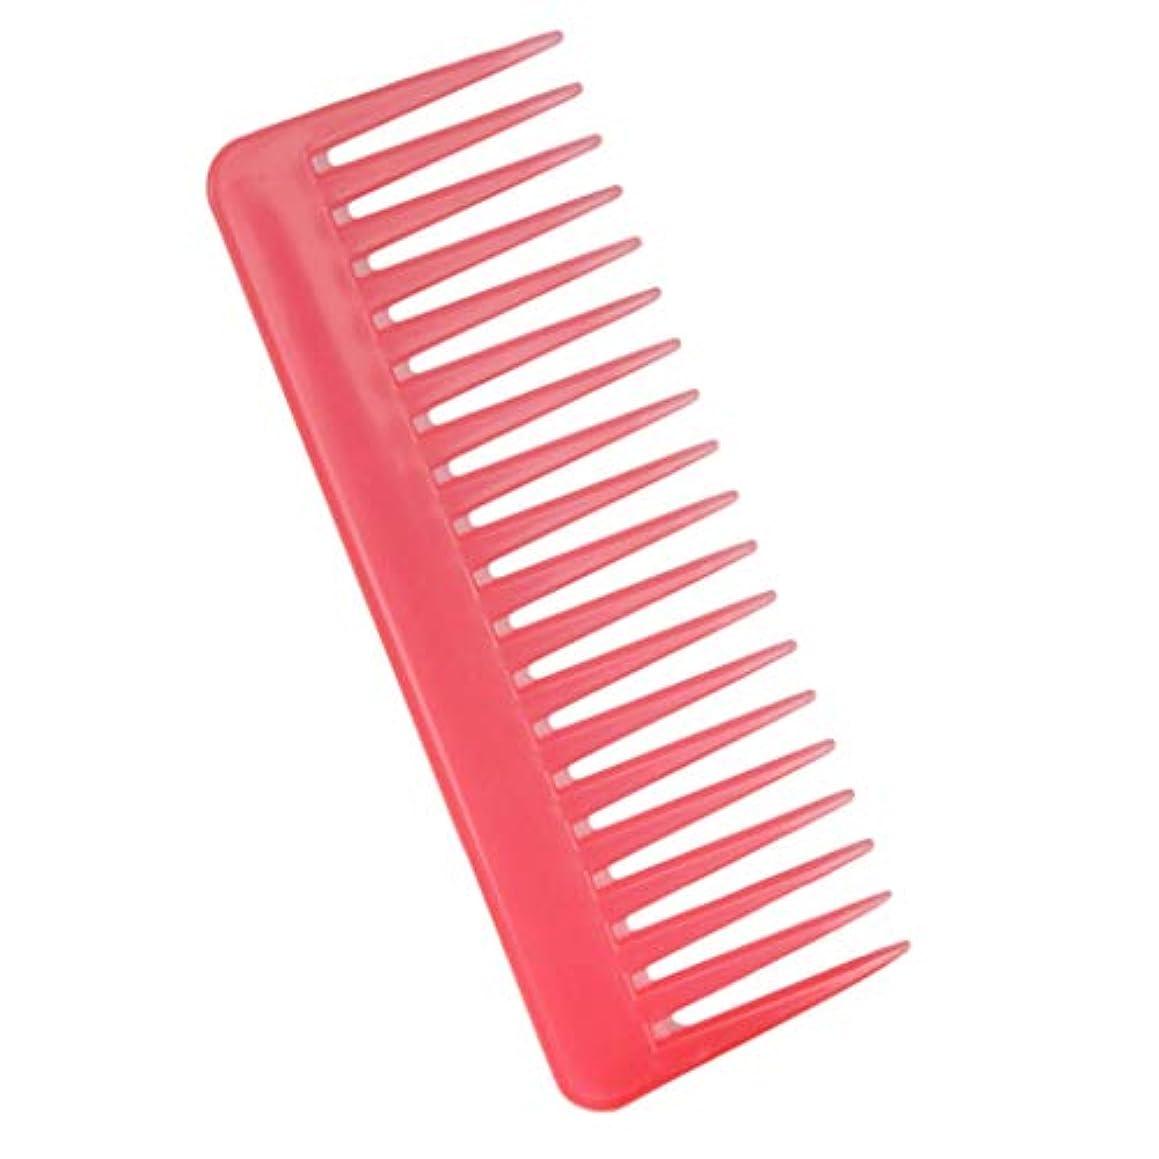 肯定的免疫お嬢帯電防止櫛 ヘアケア ヘアブラシ サロン用 自宅用 ヘアコーム 3色選べ - ピンク